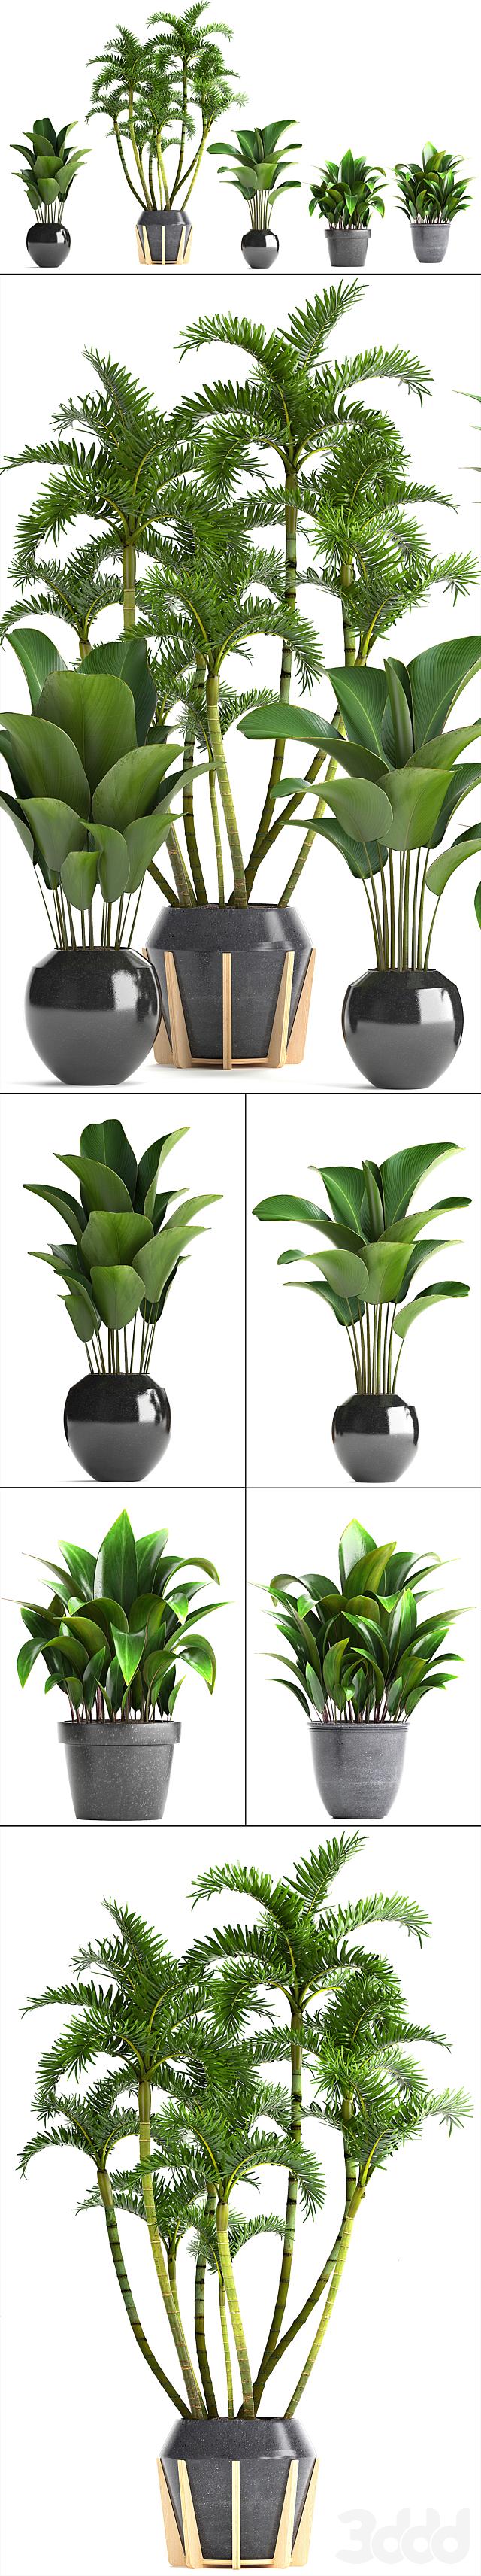 Коллекция растений 247.